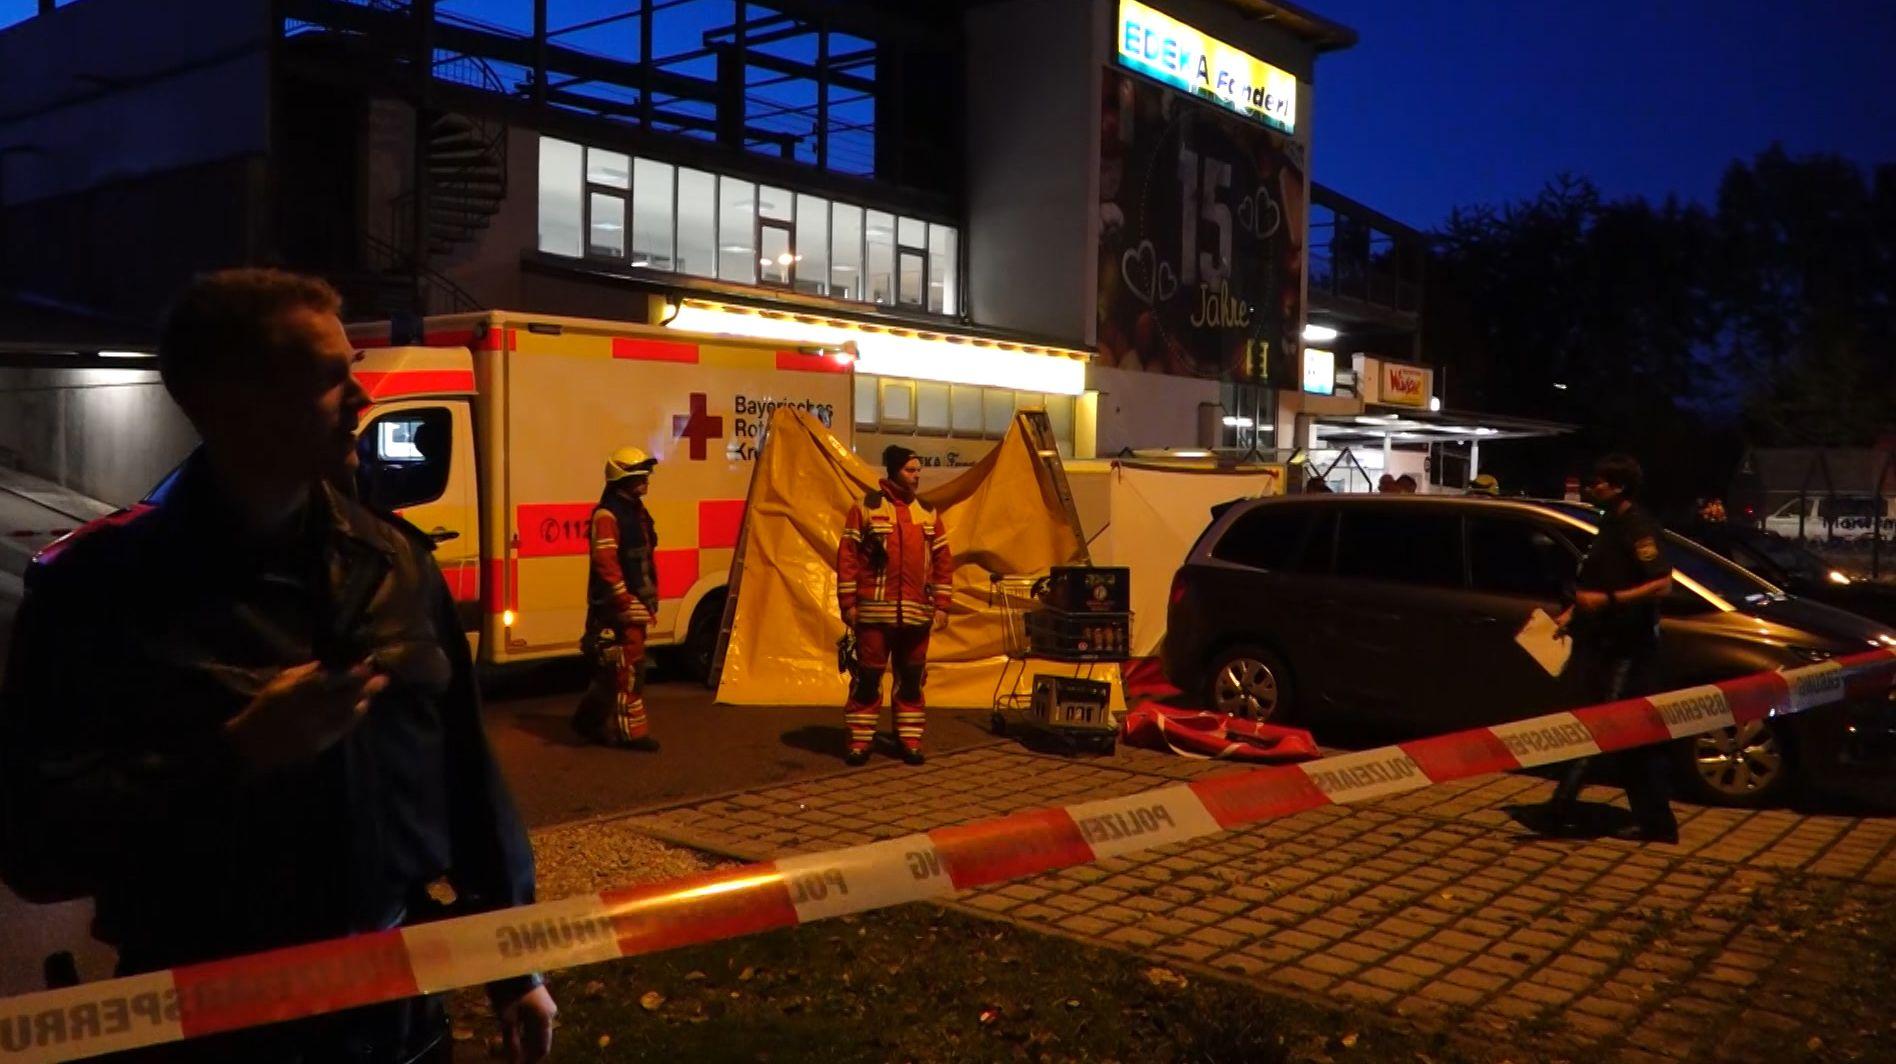 Polizei und Rettungskräfte vor Supermarkt in Abensberg